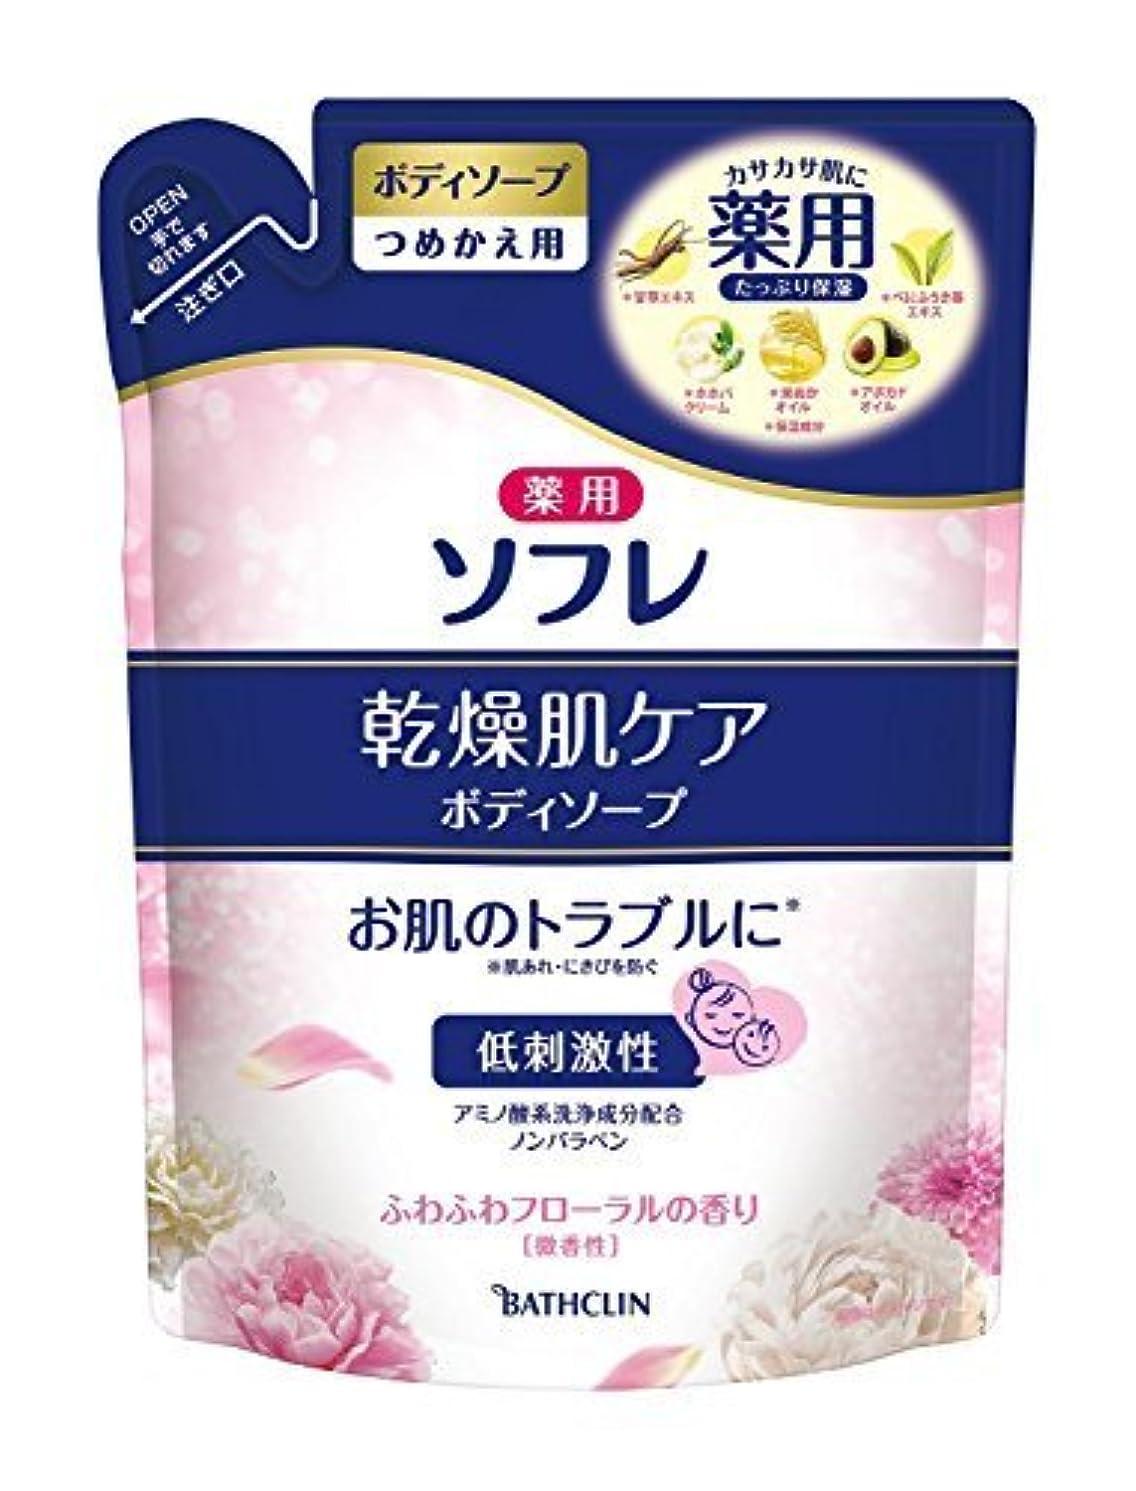 容赦ないそしてそして薬用ソフレ 乾燥肌ケアボディ詰替 × 3個セット